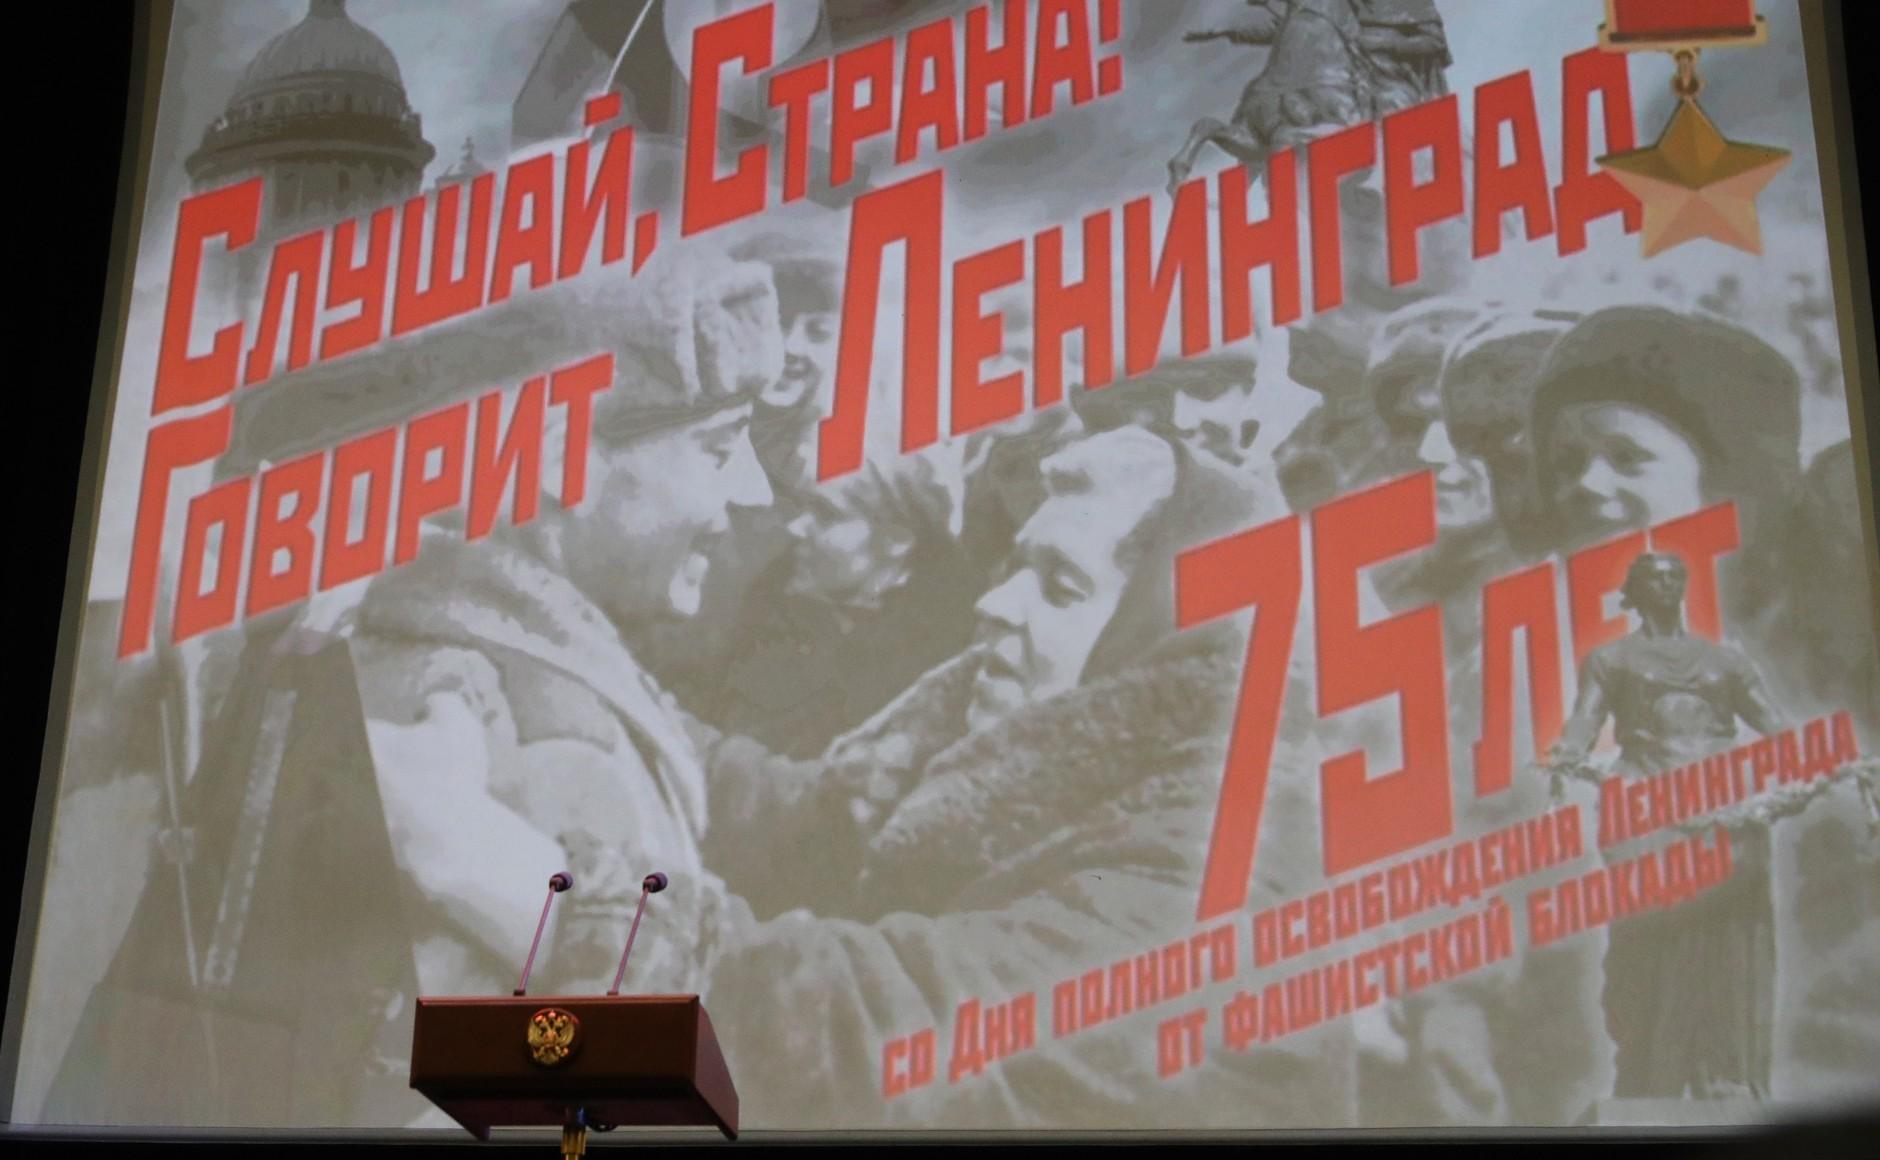 ВЦИОМ: амнистию в честь 75-летия Победы поддерживает почти половина россиян